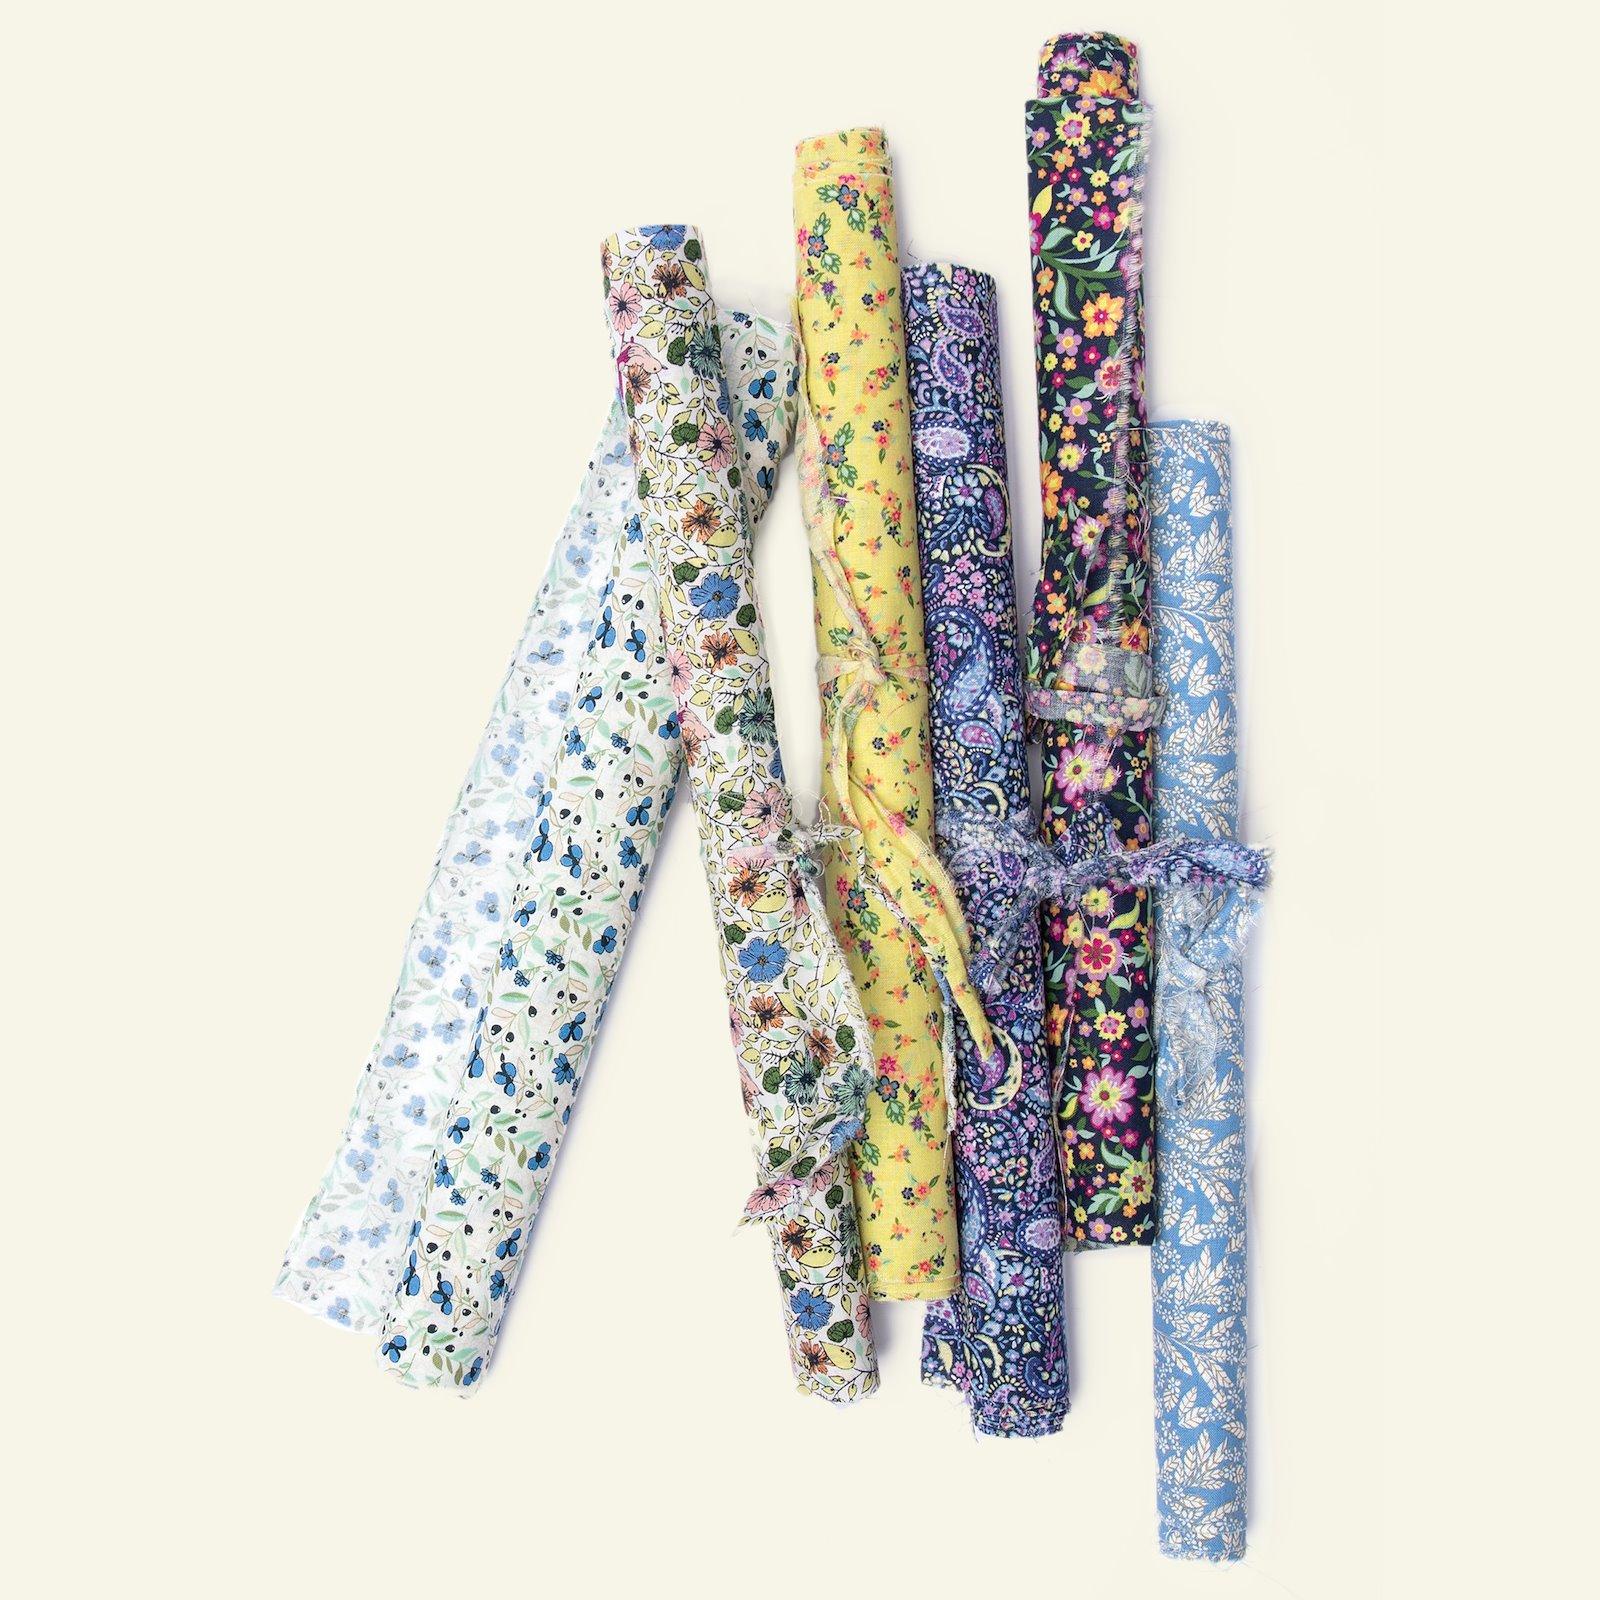 Cotton beige with blue flowers 852359_852364_852363_852366_852362_852365_92440_bundle